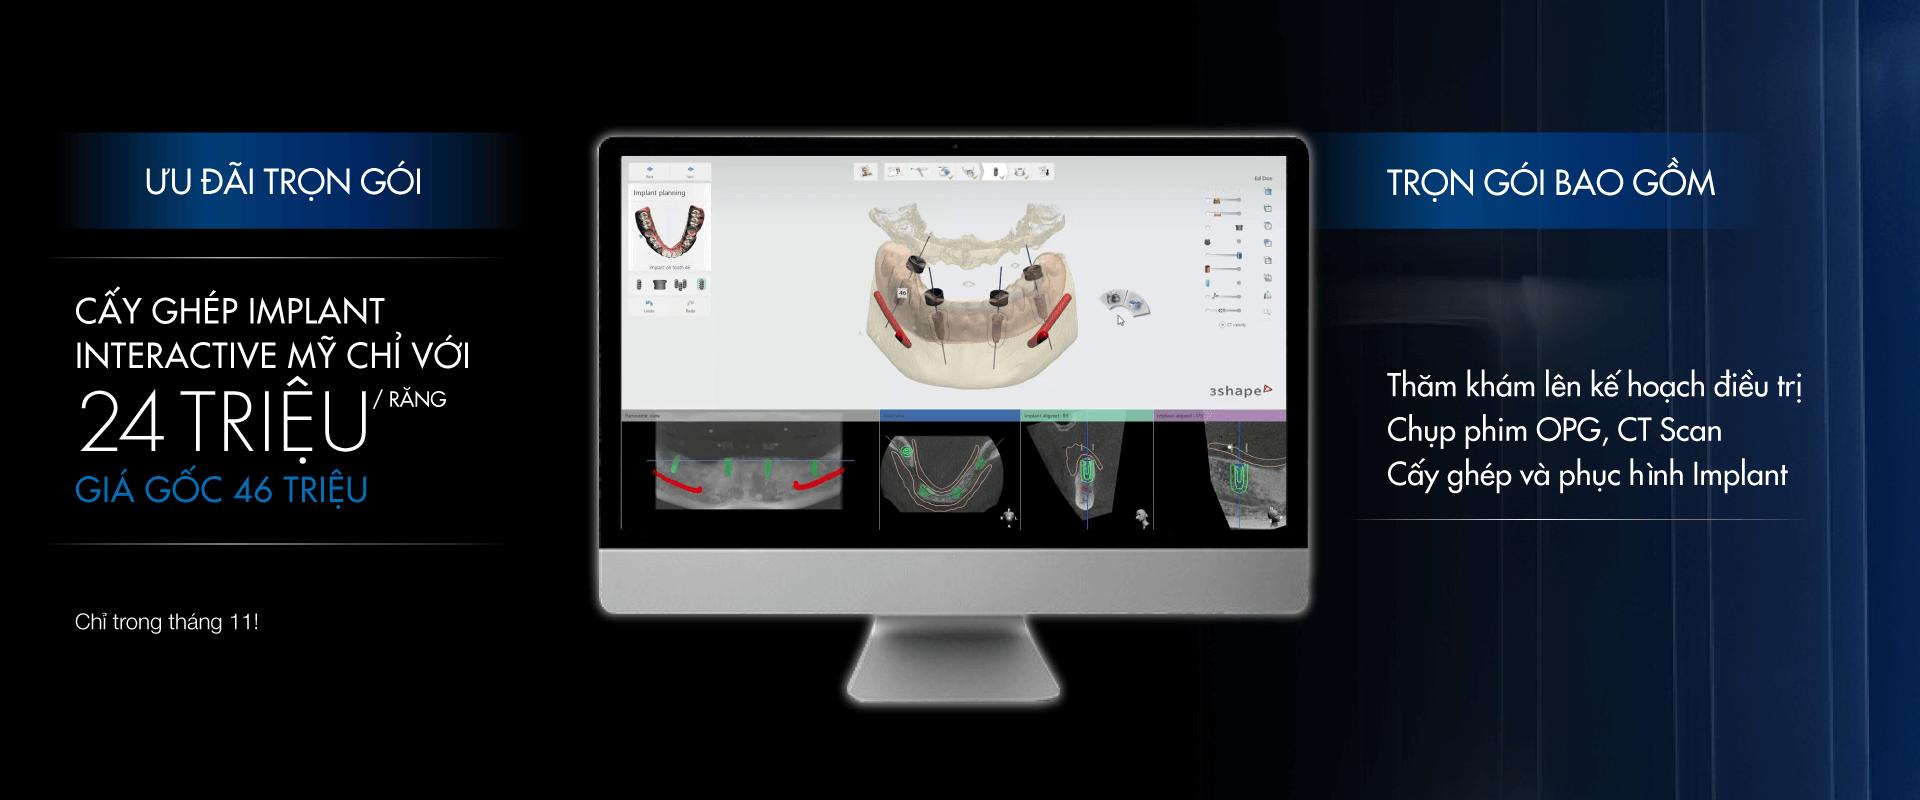 tài trợ chi phí trồng răng implant - ưu đãi giảm giá trồng răng Implant